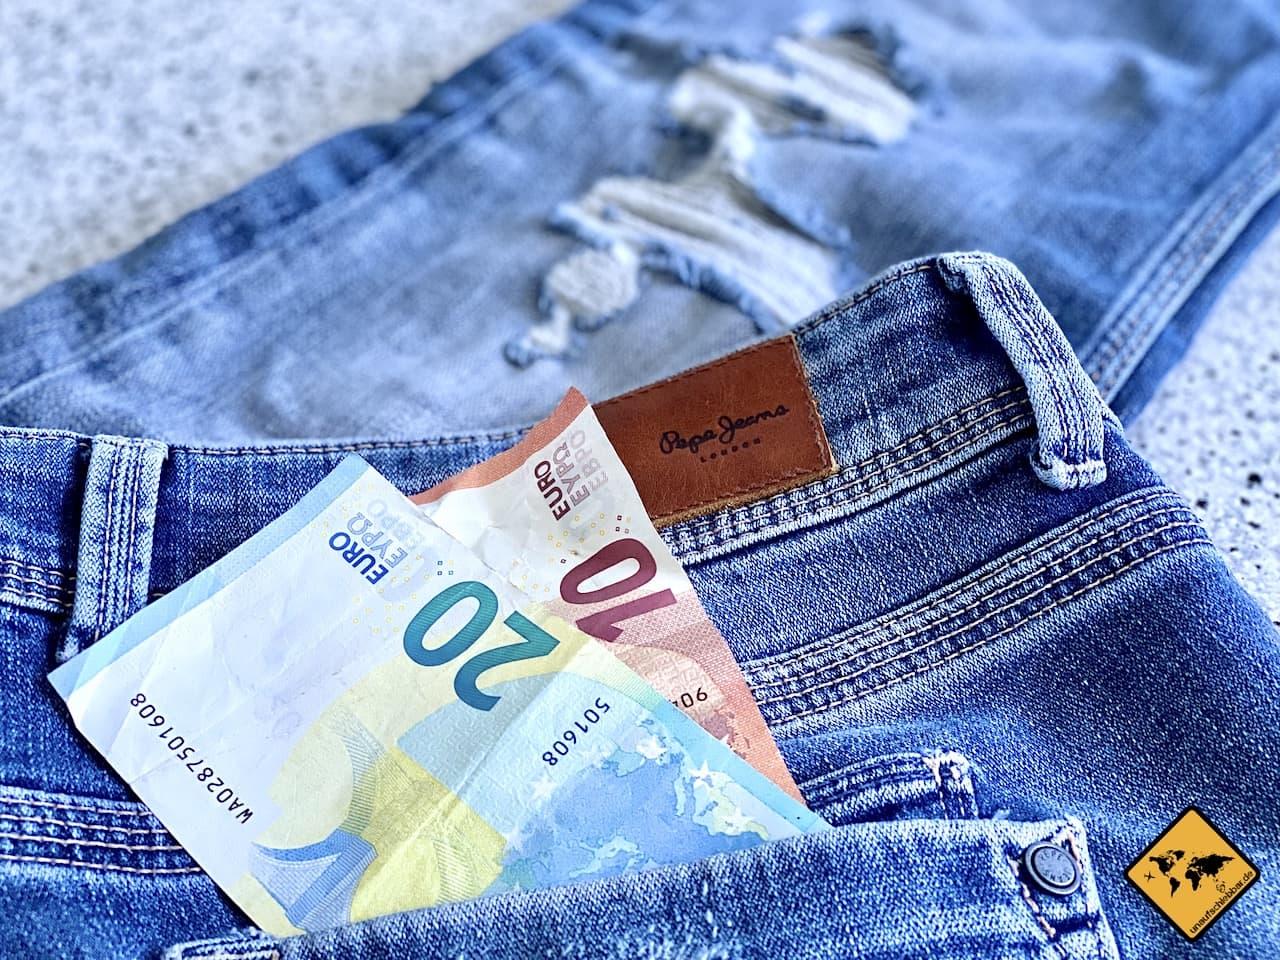 Pepe Jeans Outlet El Corte Inglés Teneriffa